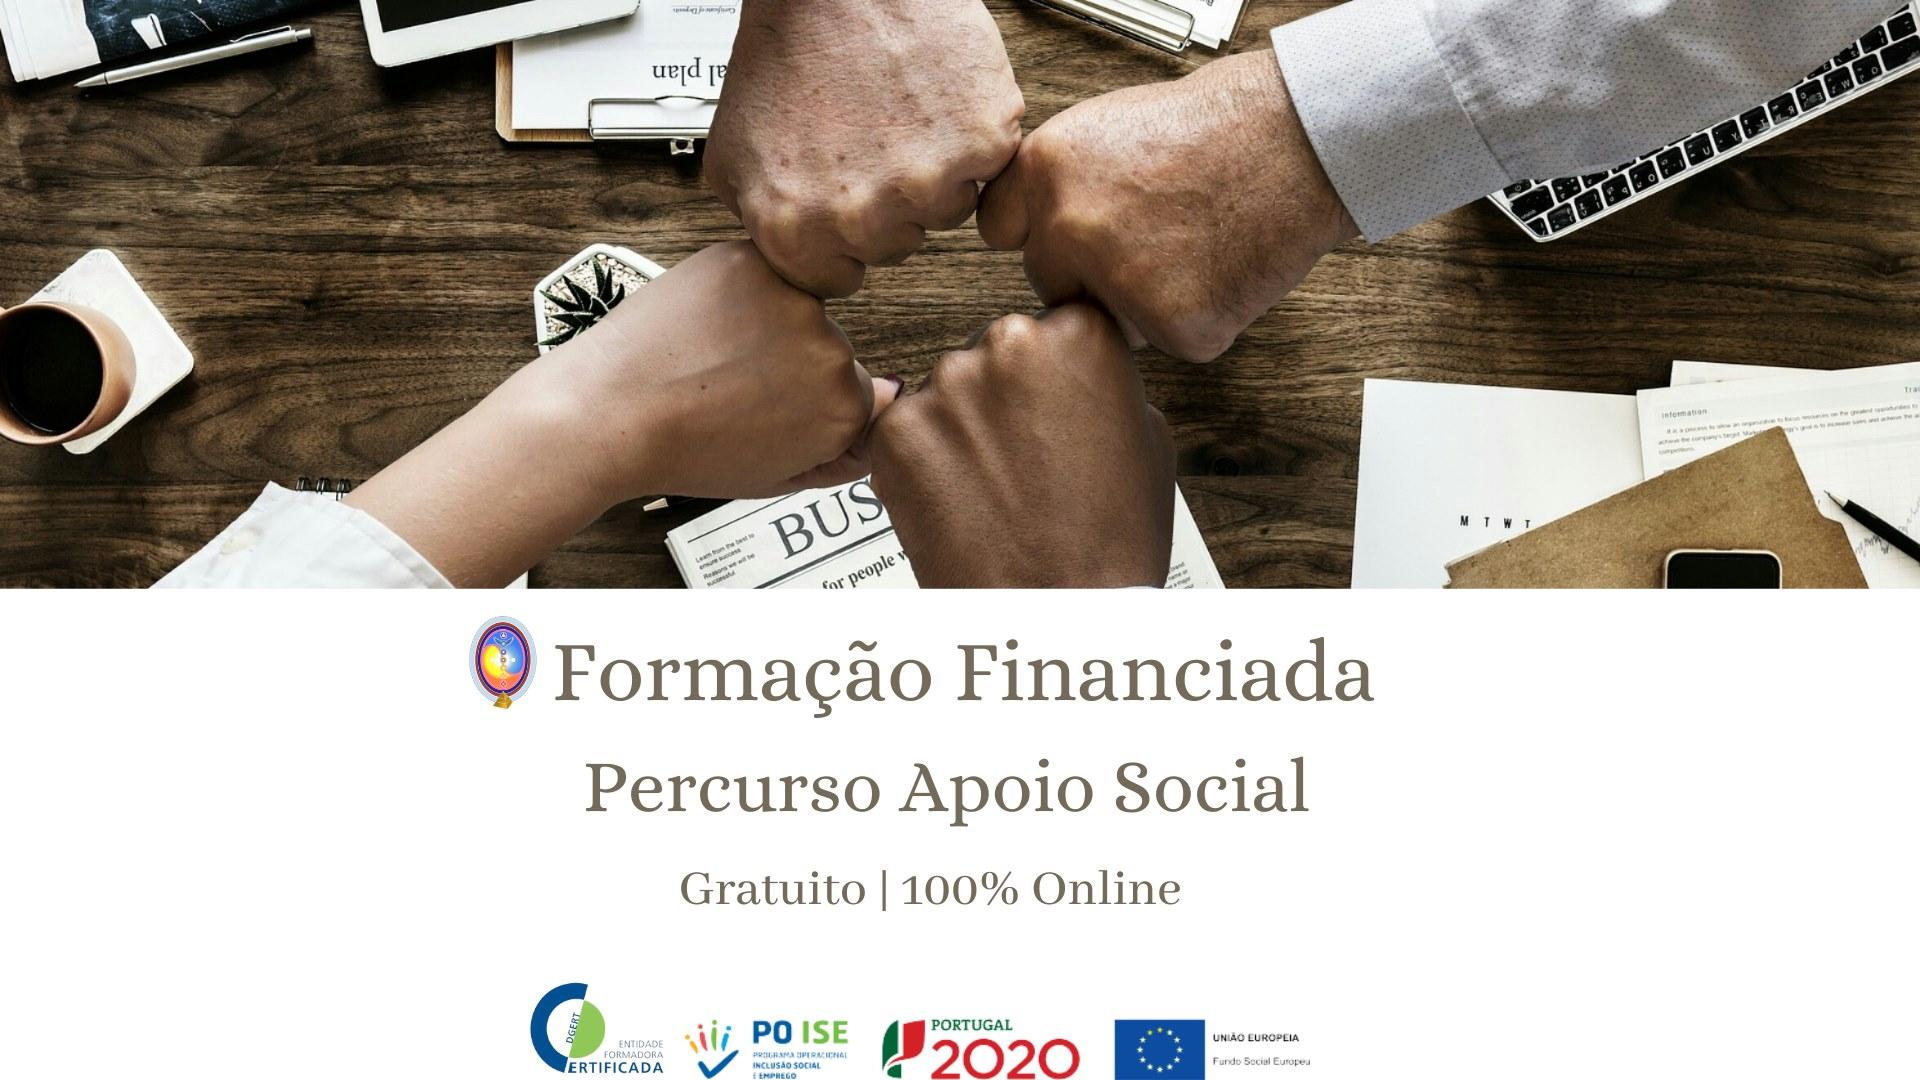 FORMAÇÃO FINANCIADA  Percurso Apoio Social